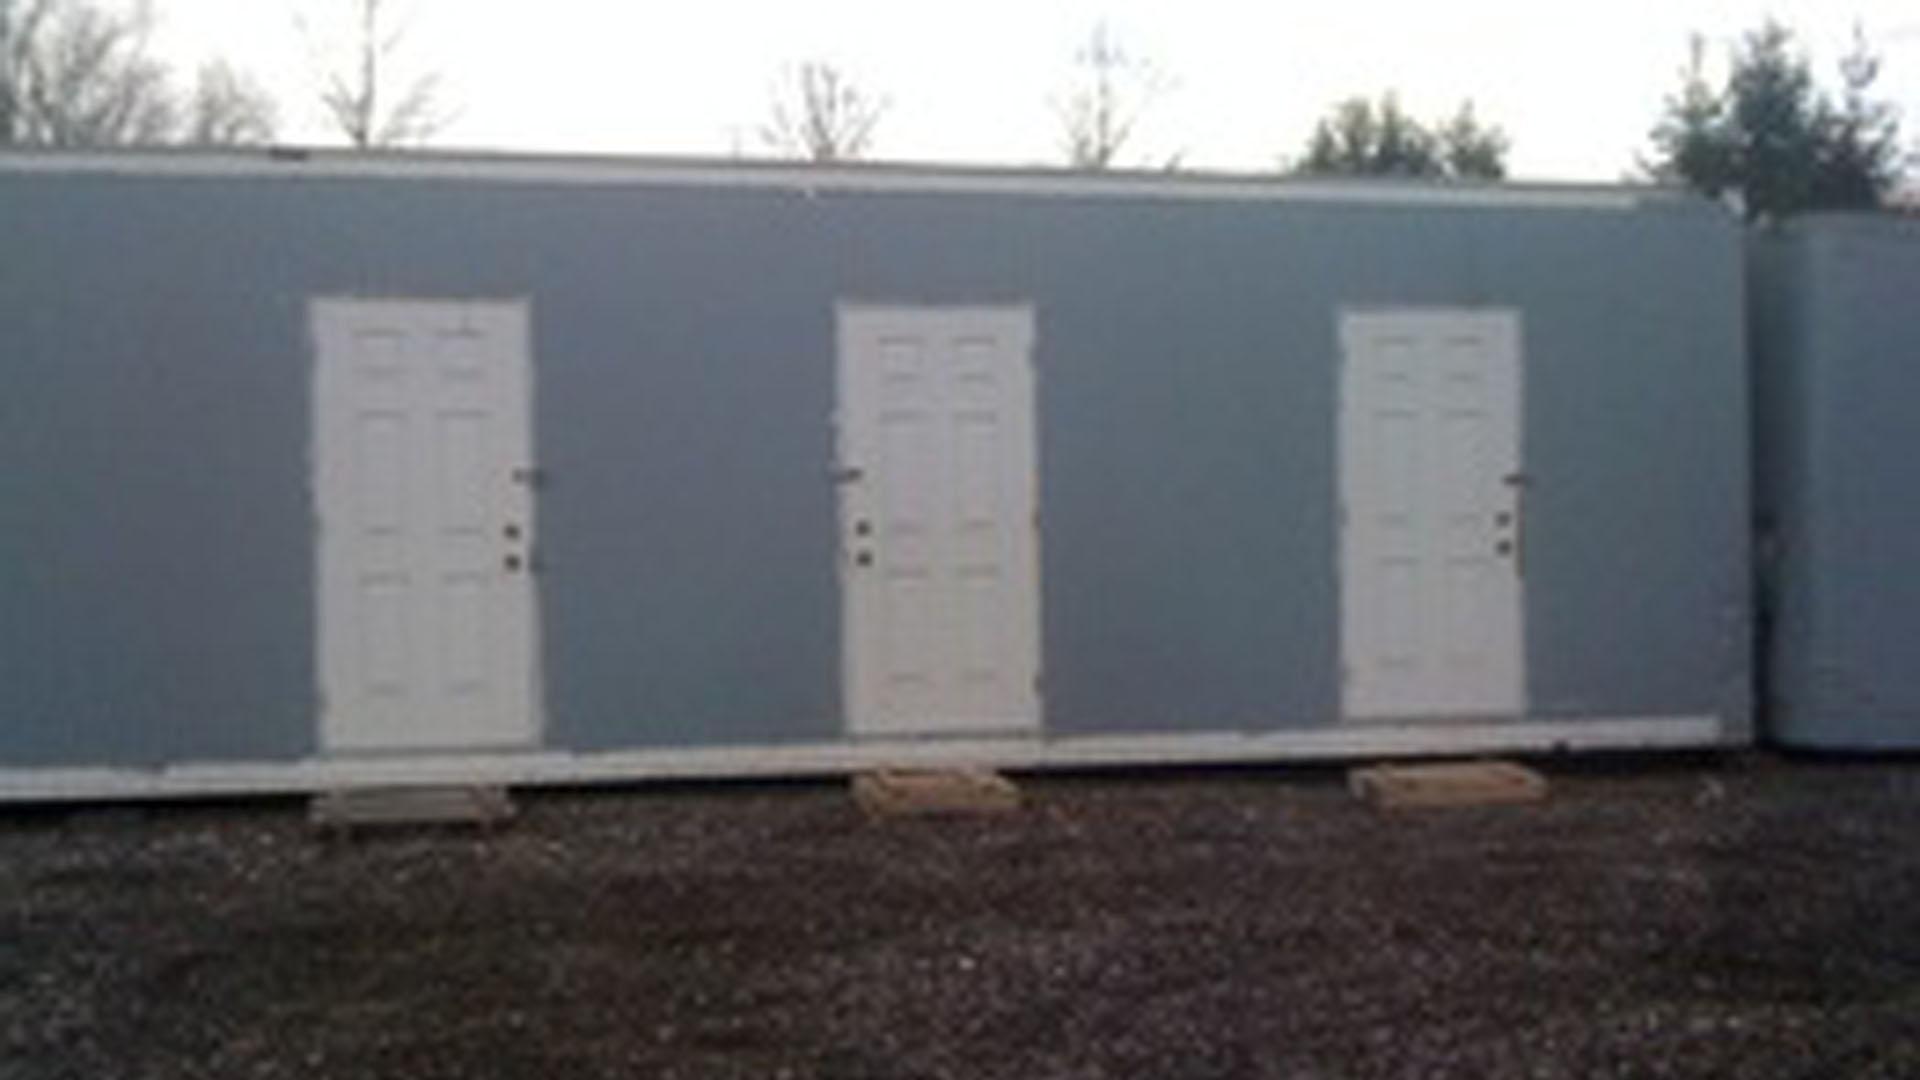 48l-x-86w-x-96h-storage-trailer-